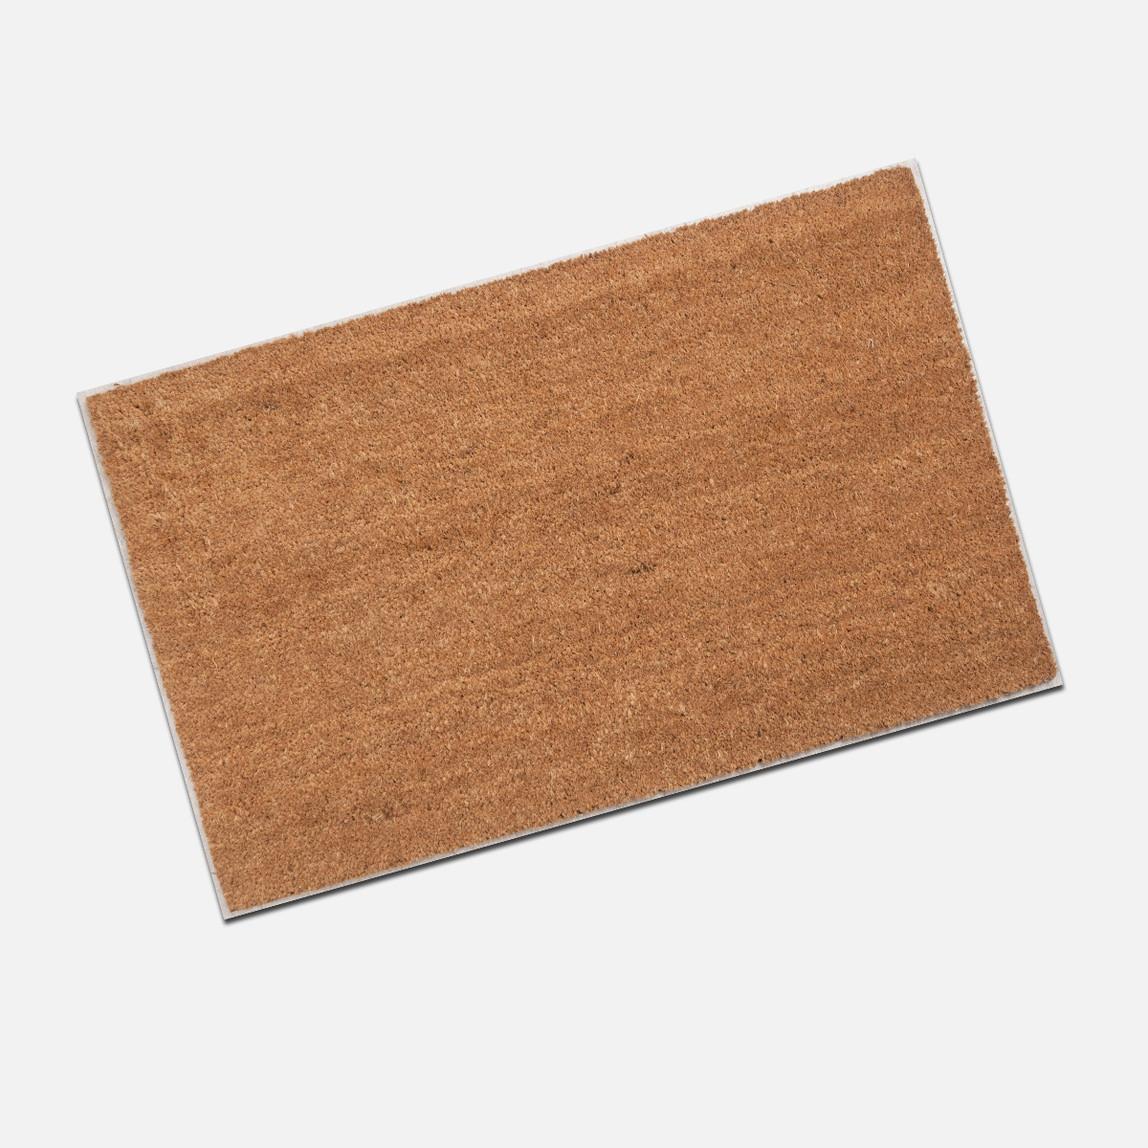 55x90 cm Hoşgeldiniz Baskılı PVC Tabanlı Koko Paspas